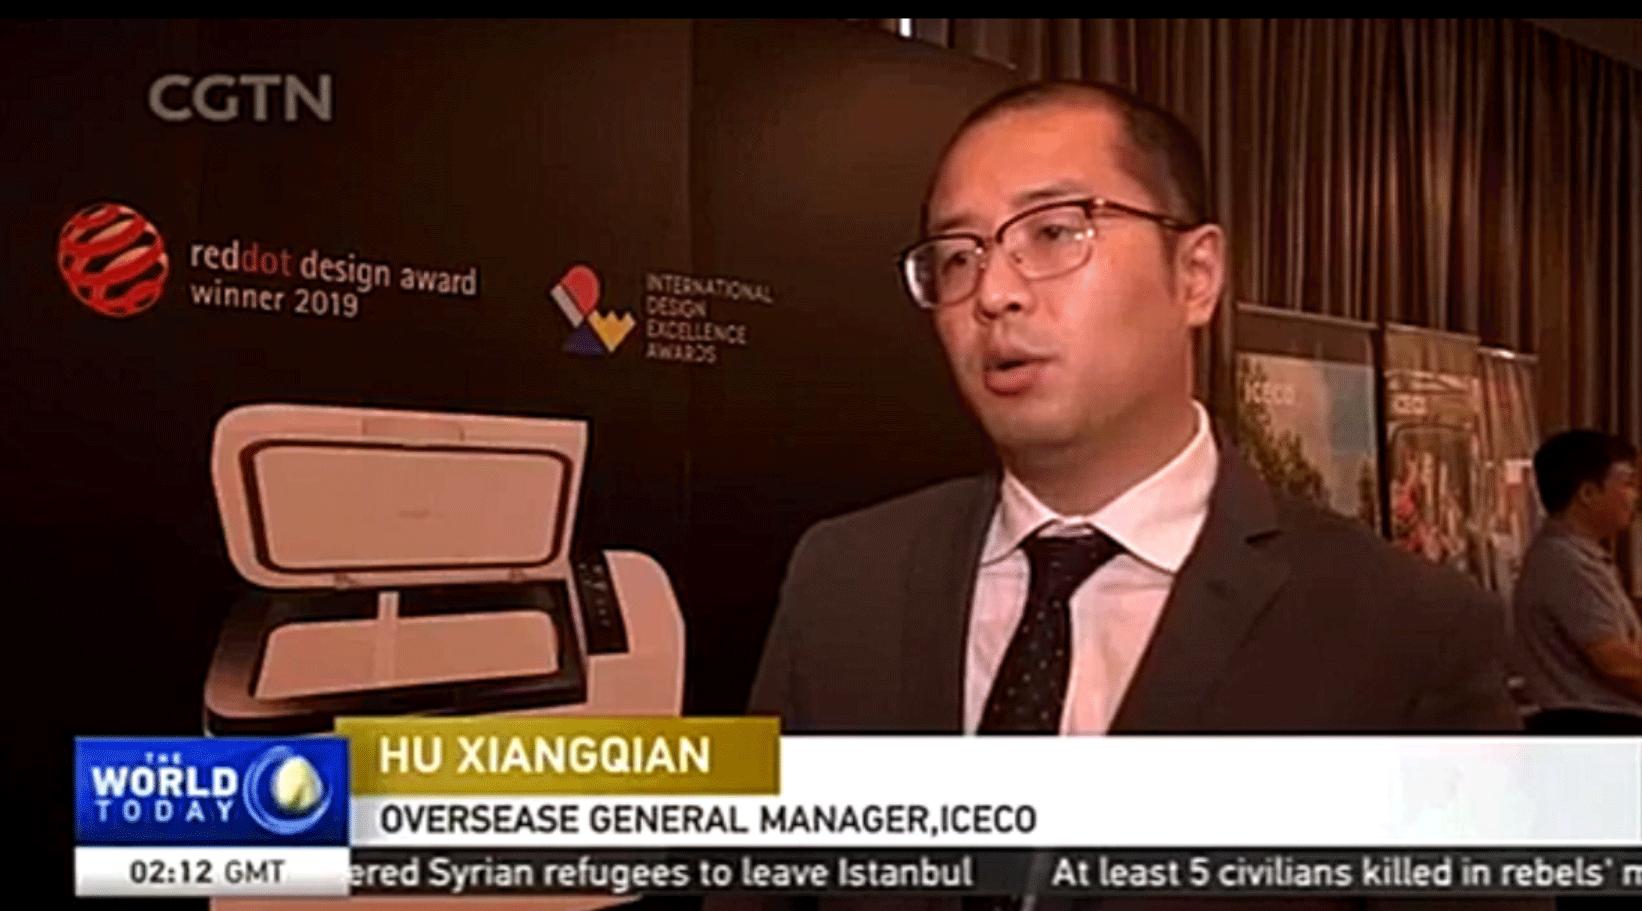 英得尔海外事业部副总经理胡向前接受中国国际电视台采访